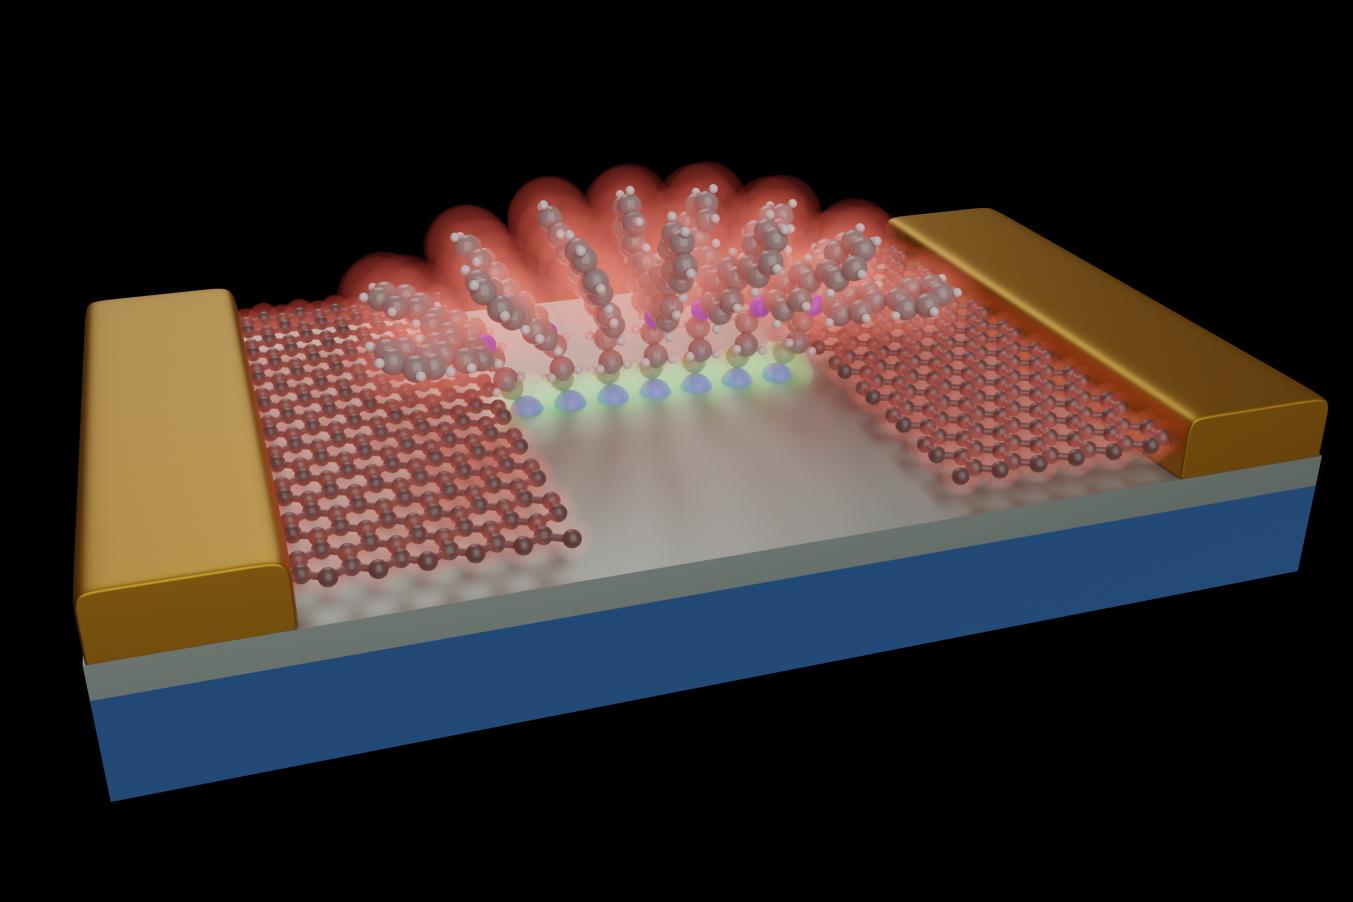 Schematische Darstellung von Molekülen, die auf einem Siliciumdioxid/Silicium-Substrat verankert sind (grau). Dank der kontrollierten Struktur der Moleküle bildet sich eine stabile molekulare Architektur, die als Brücke für die zwischen den Graphen-Elektroden (rot) wandernden Elektronen dient. Diese Graphenleitungen werden dann von herkömmlichen metallischen Gold-Pads (gelb) kontaktiert. Die so entstandene Molekularstruktur erinnert an die Architektur eines römischen Bogens. Bild: Empa